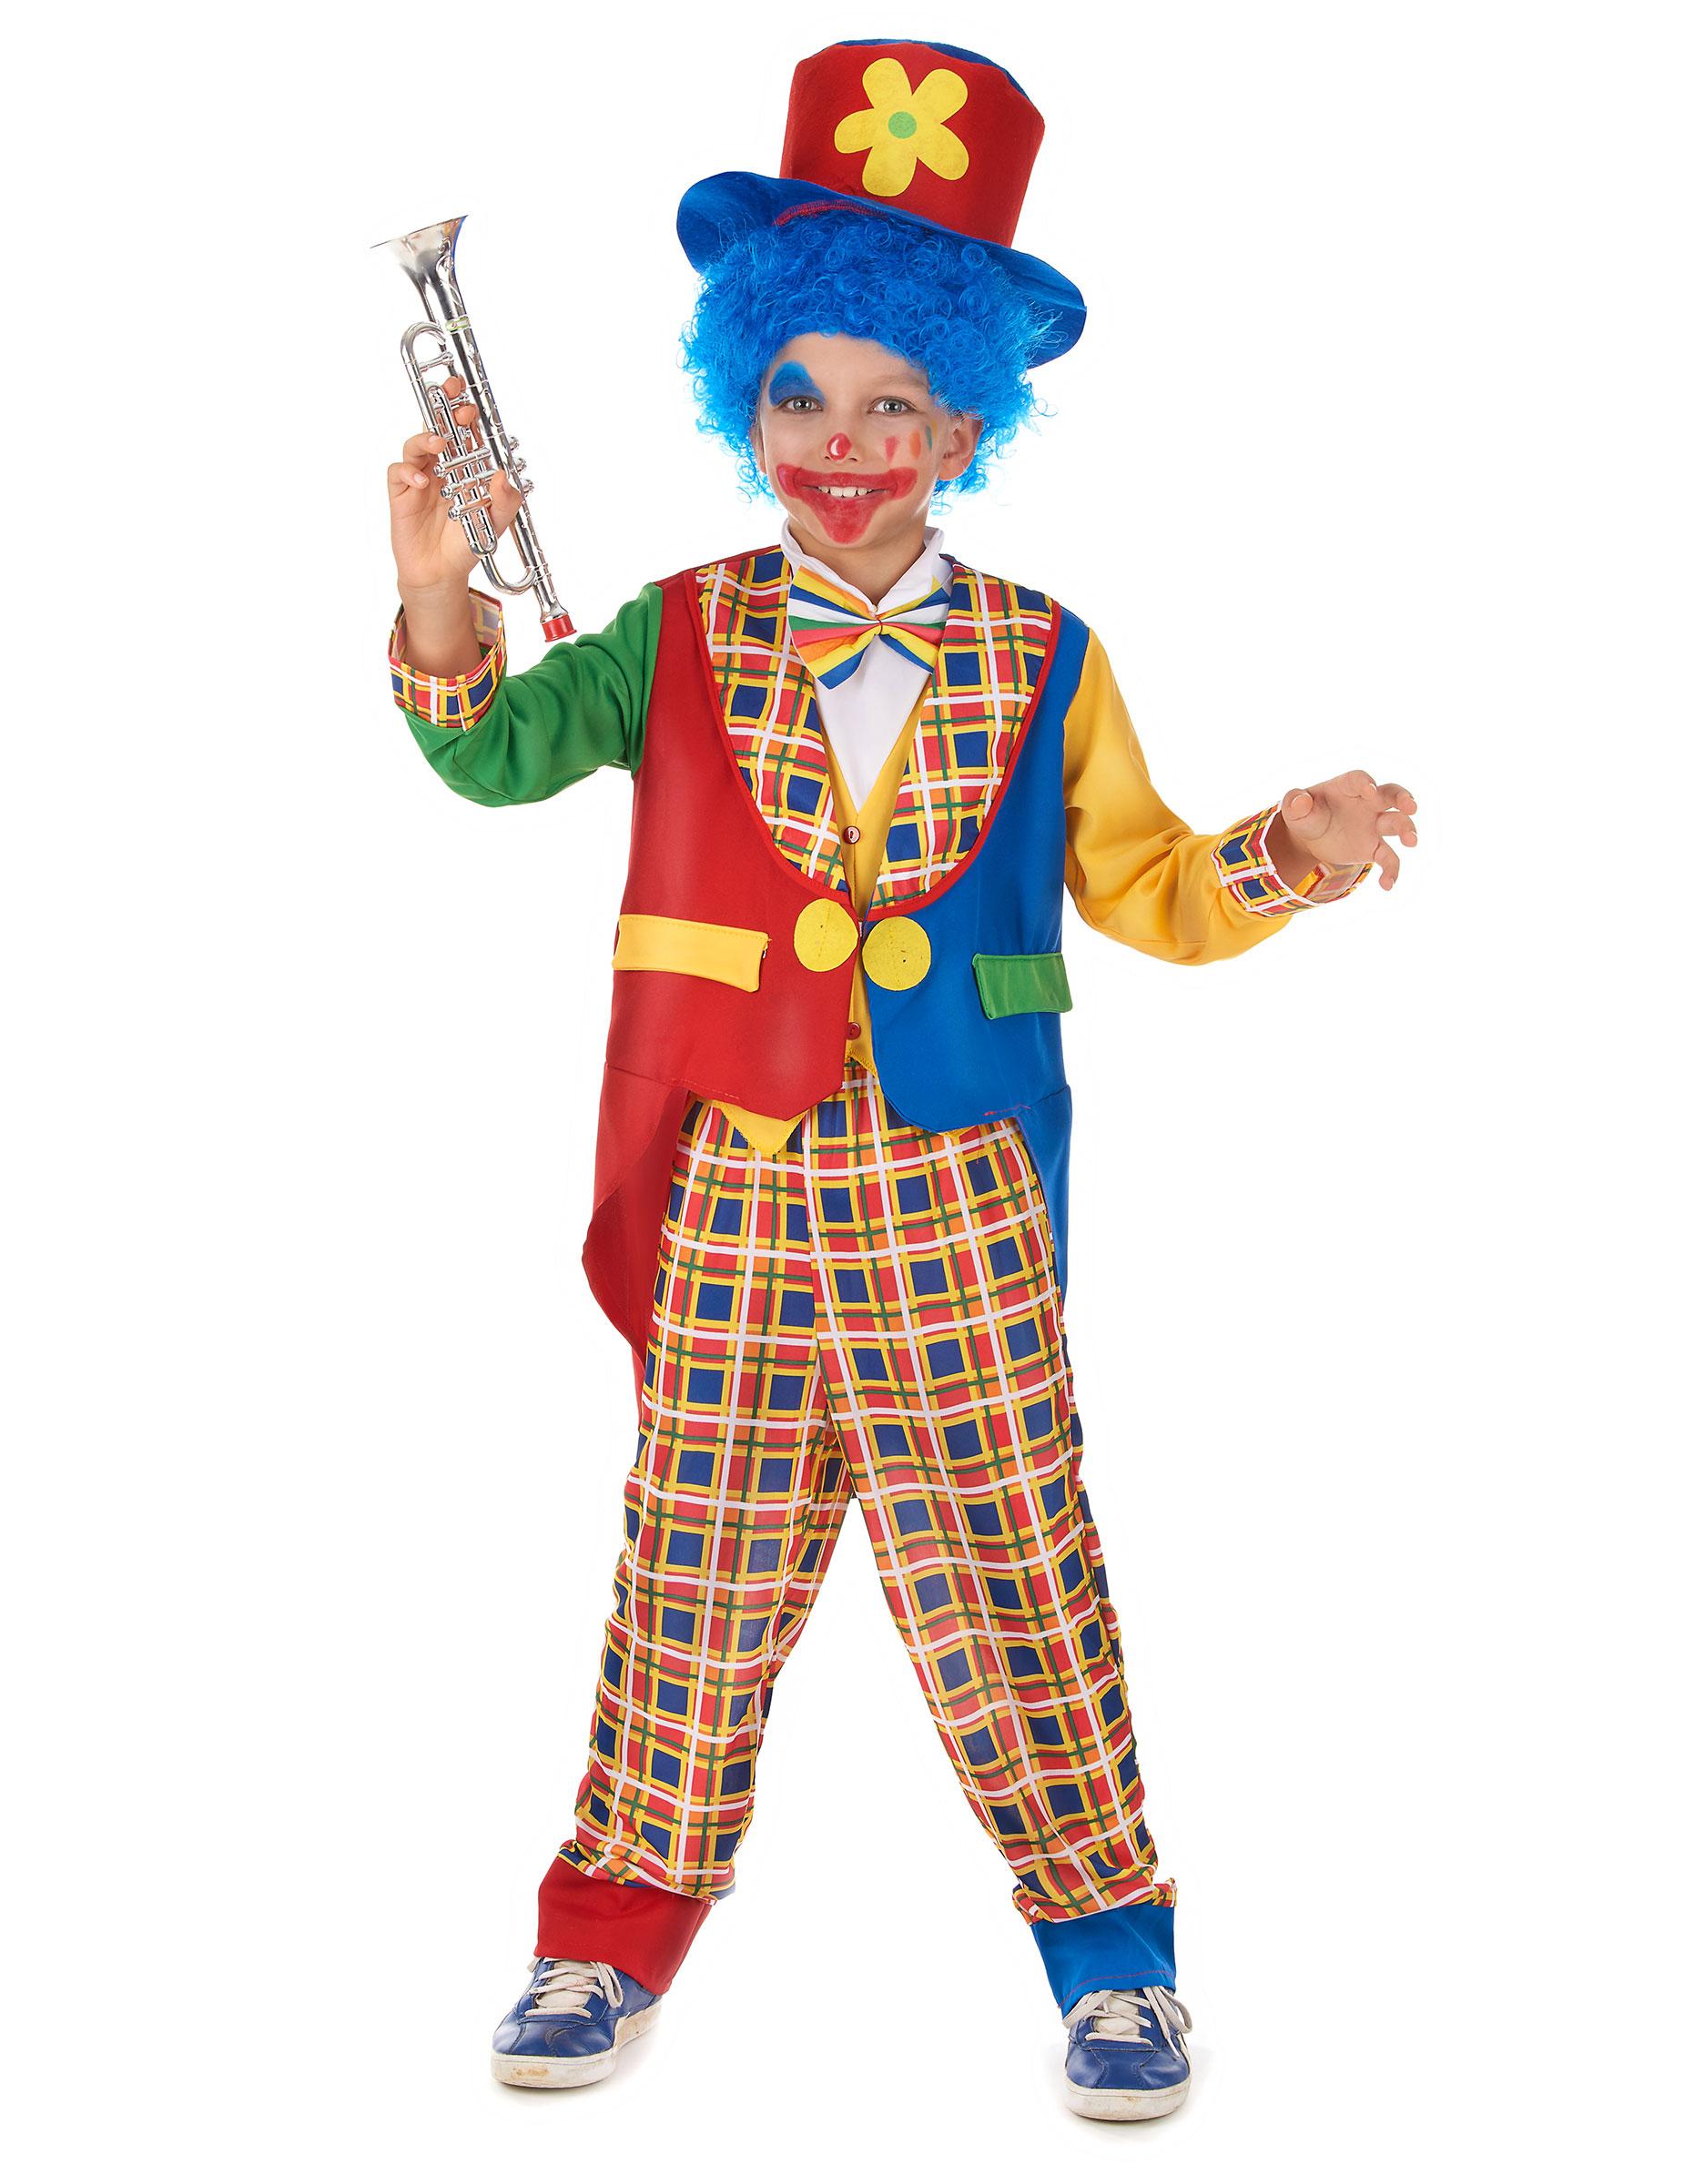 e6bf0e79a116 Costume da clown giacca bicolore per bambino  Costumi bambini